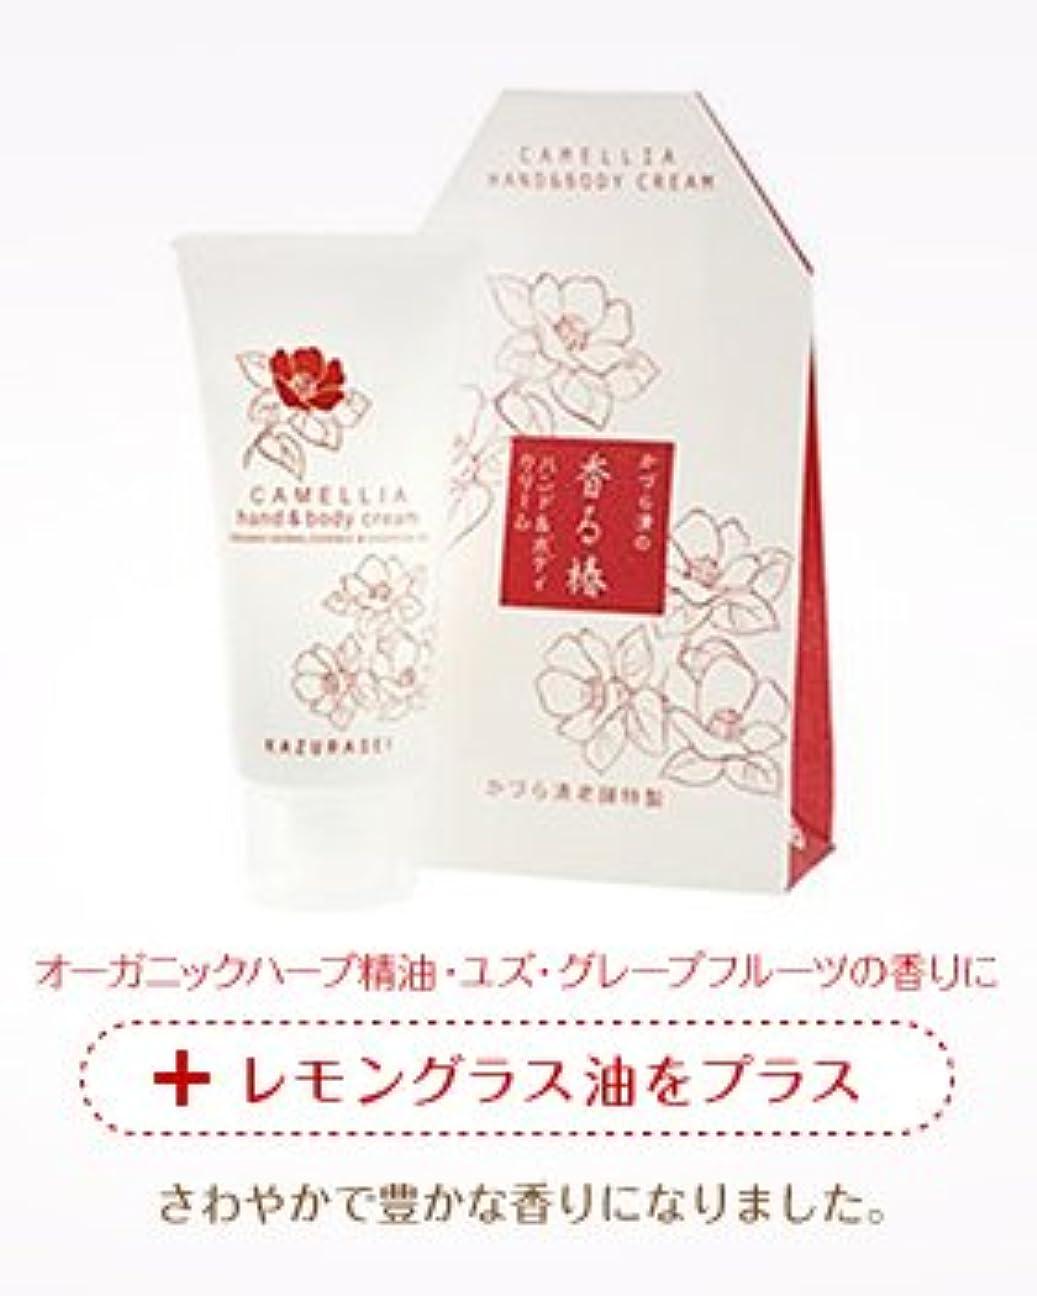 ジャーナルシンプルさ王族京?祇園 かづら清老舗 香る椿 ハンド&ボディクリーム 60g